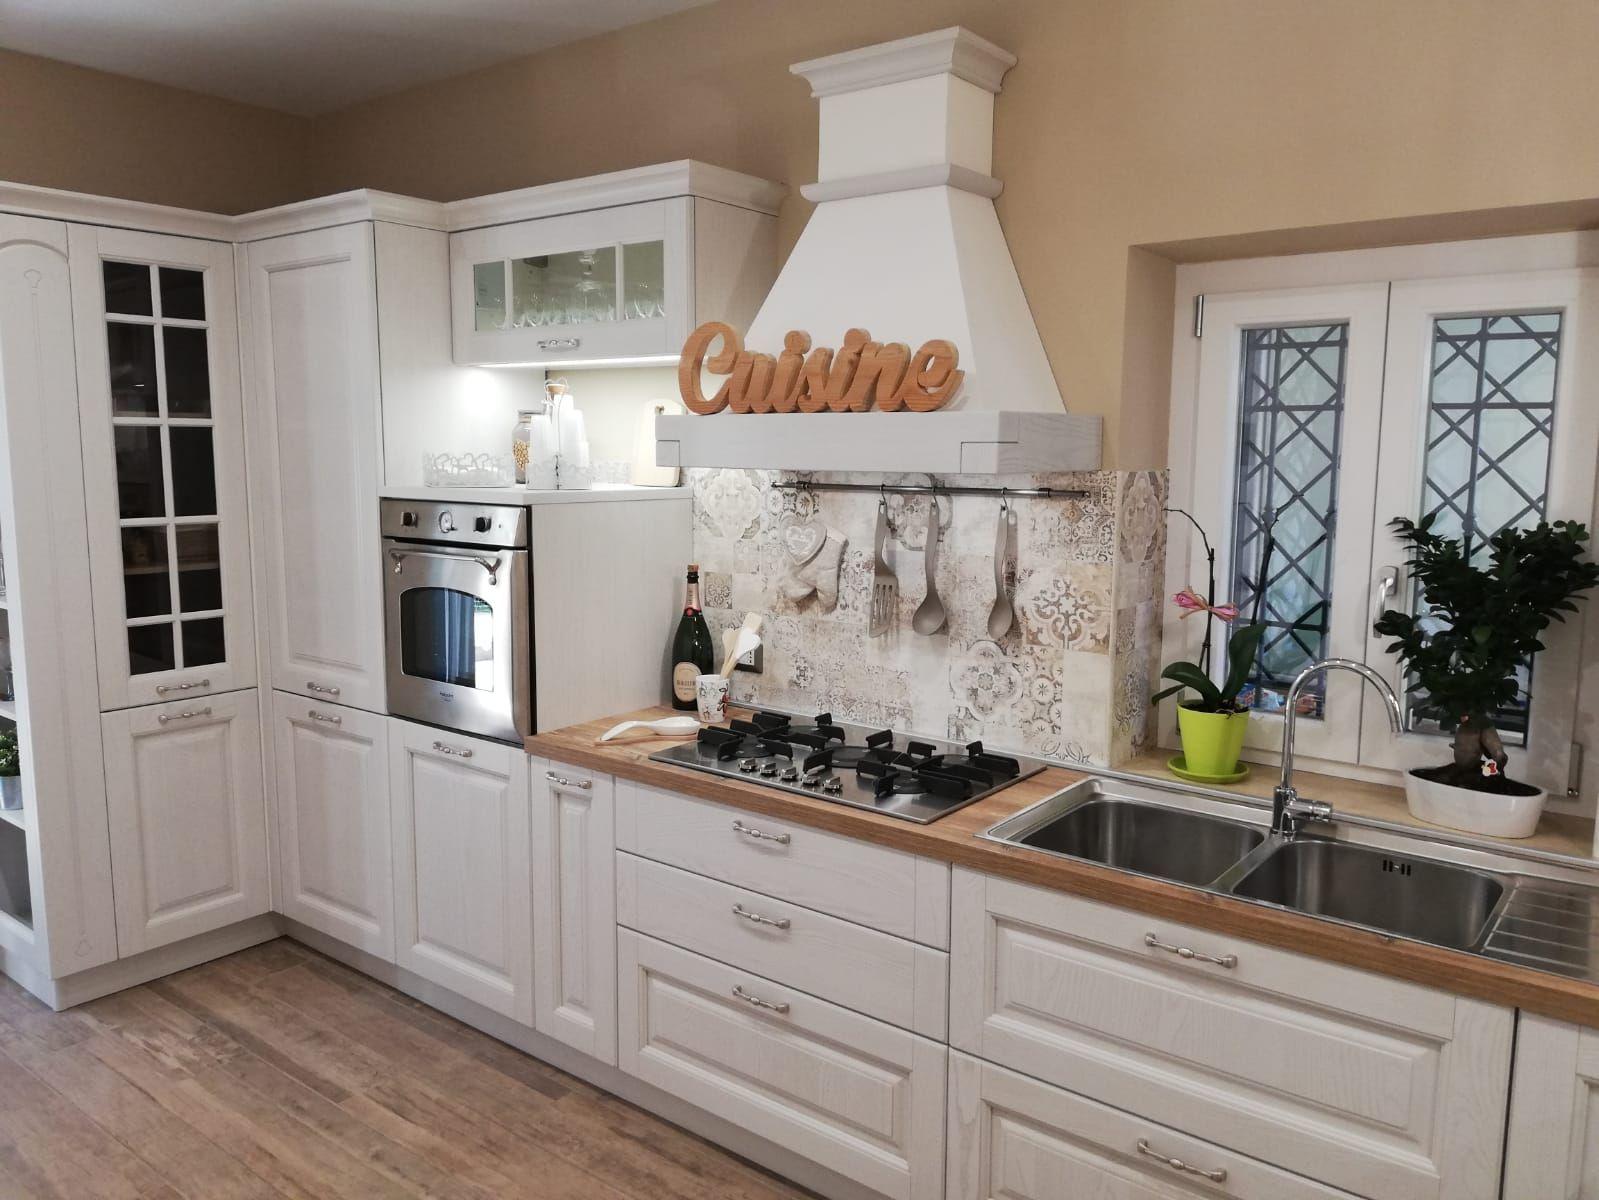 Cucina Stosa Bolgheri Arredo Interni Cucina Planimetrie Cucina Cucine